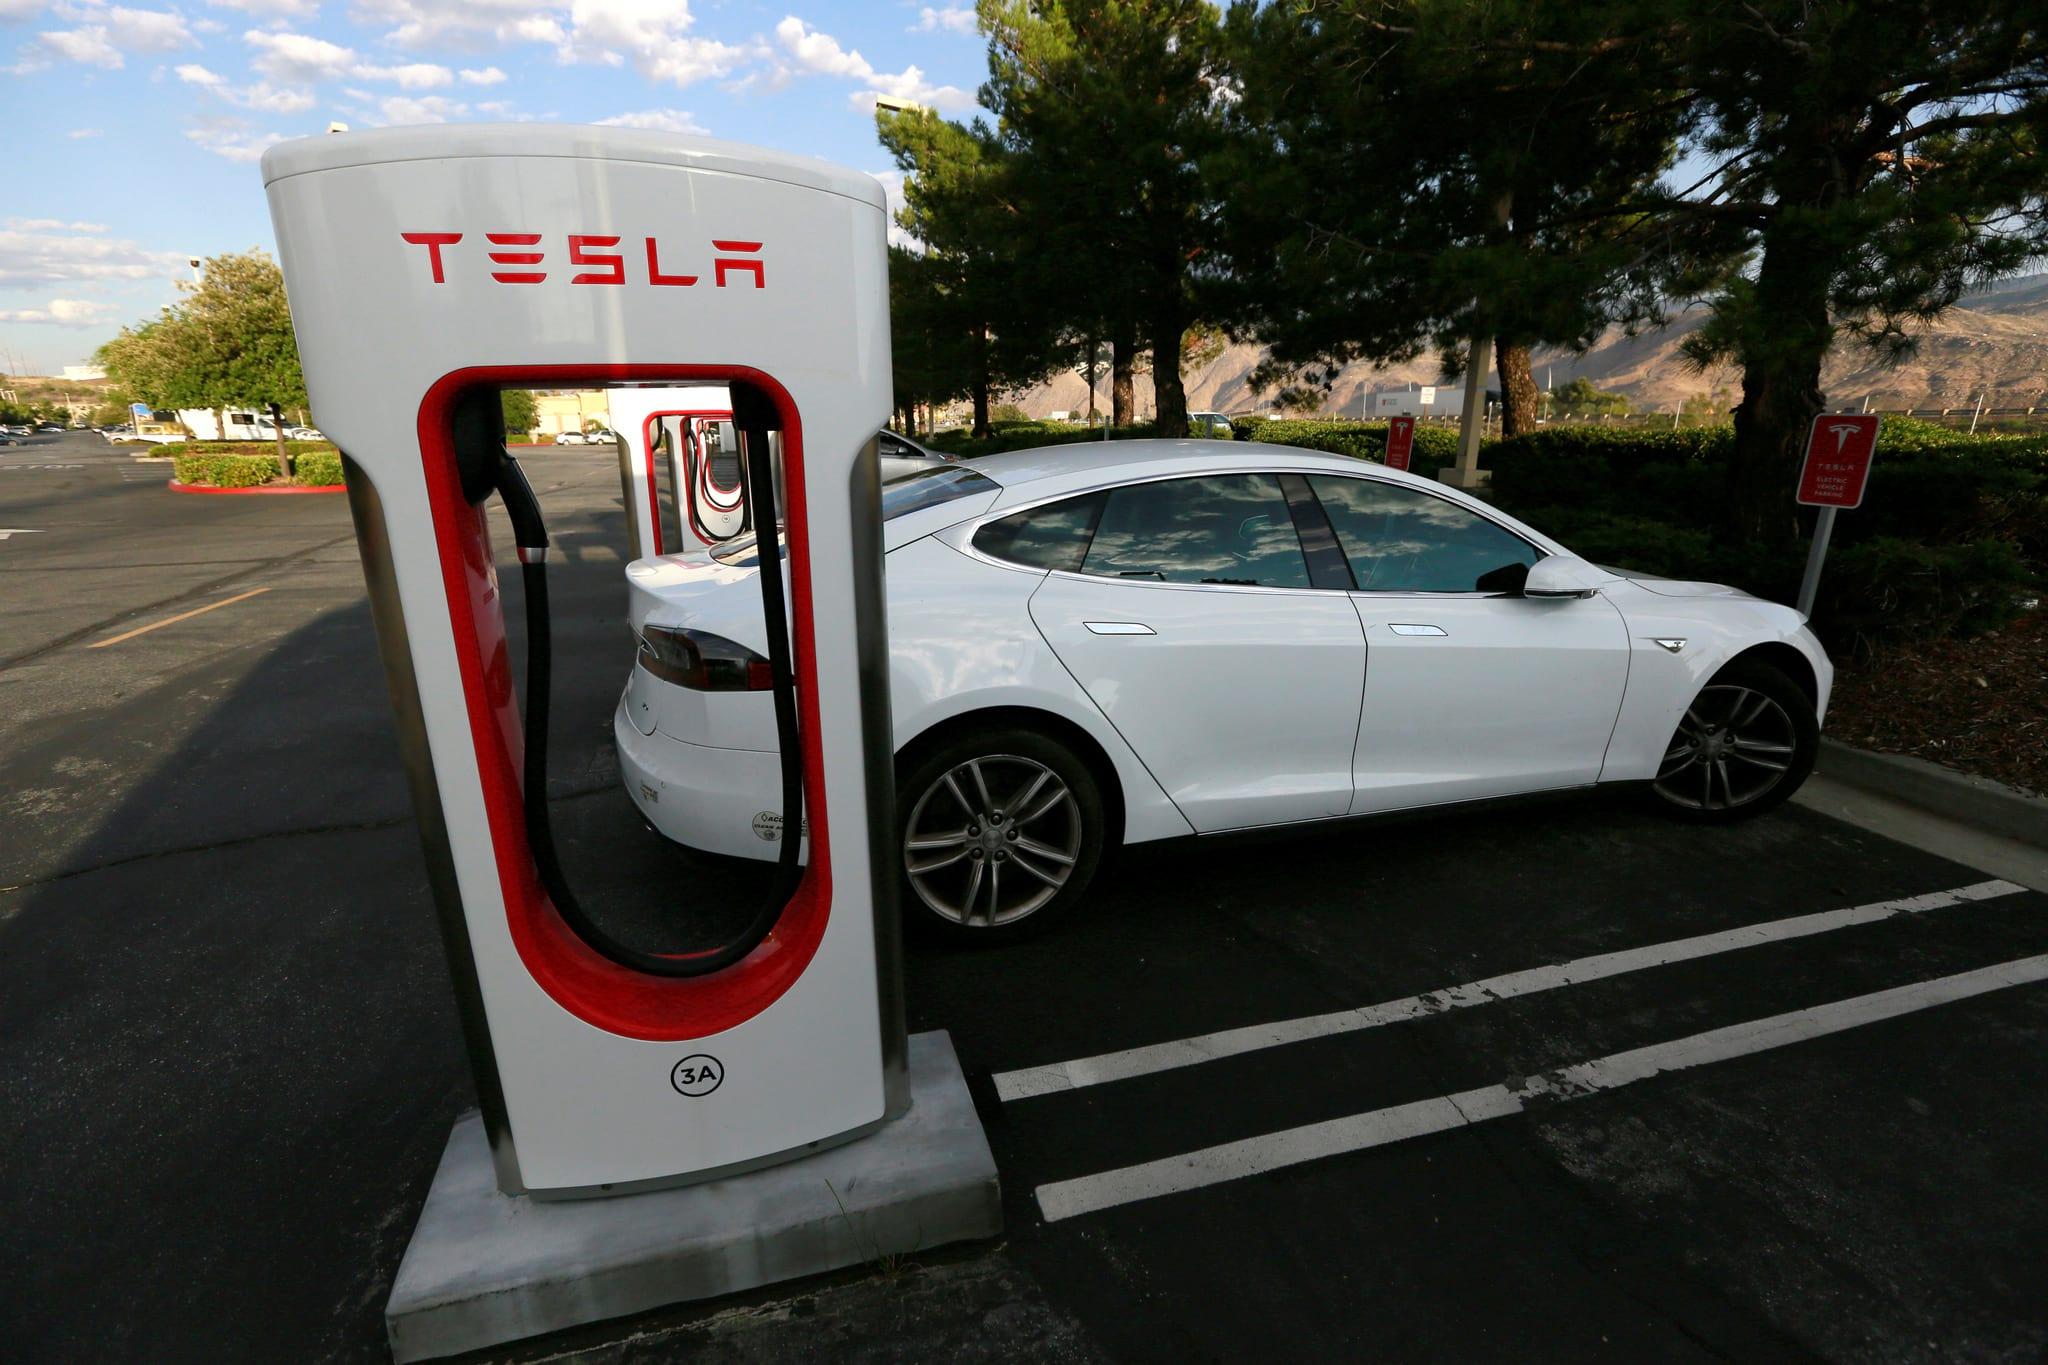 PÚBLICO - Negociações com Tesla envolvem centros de inovação tecnológica